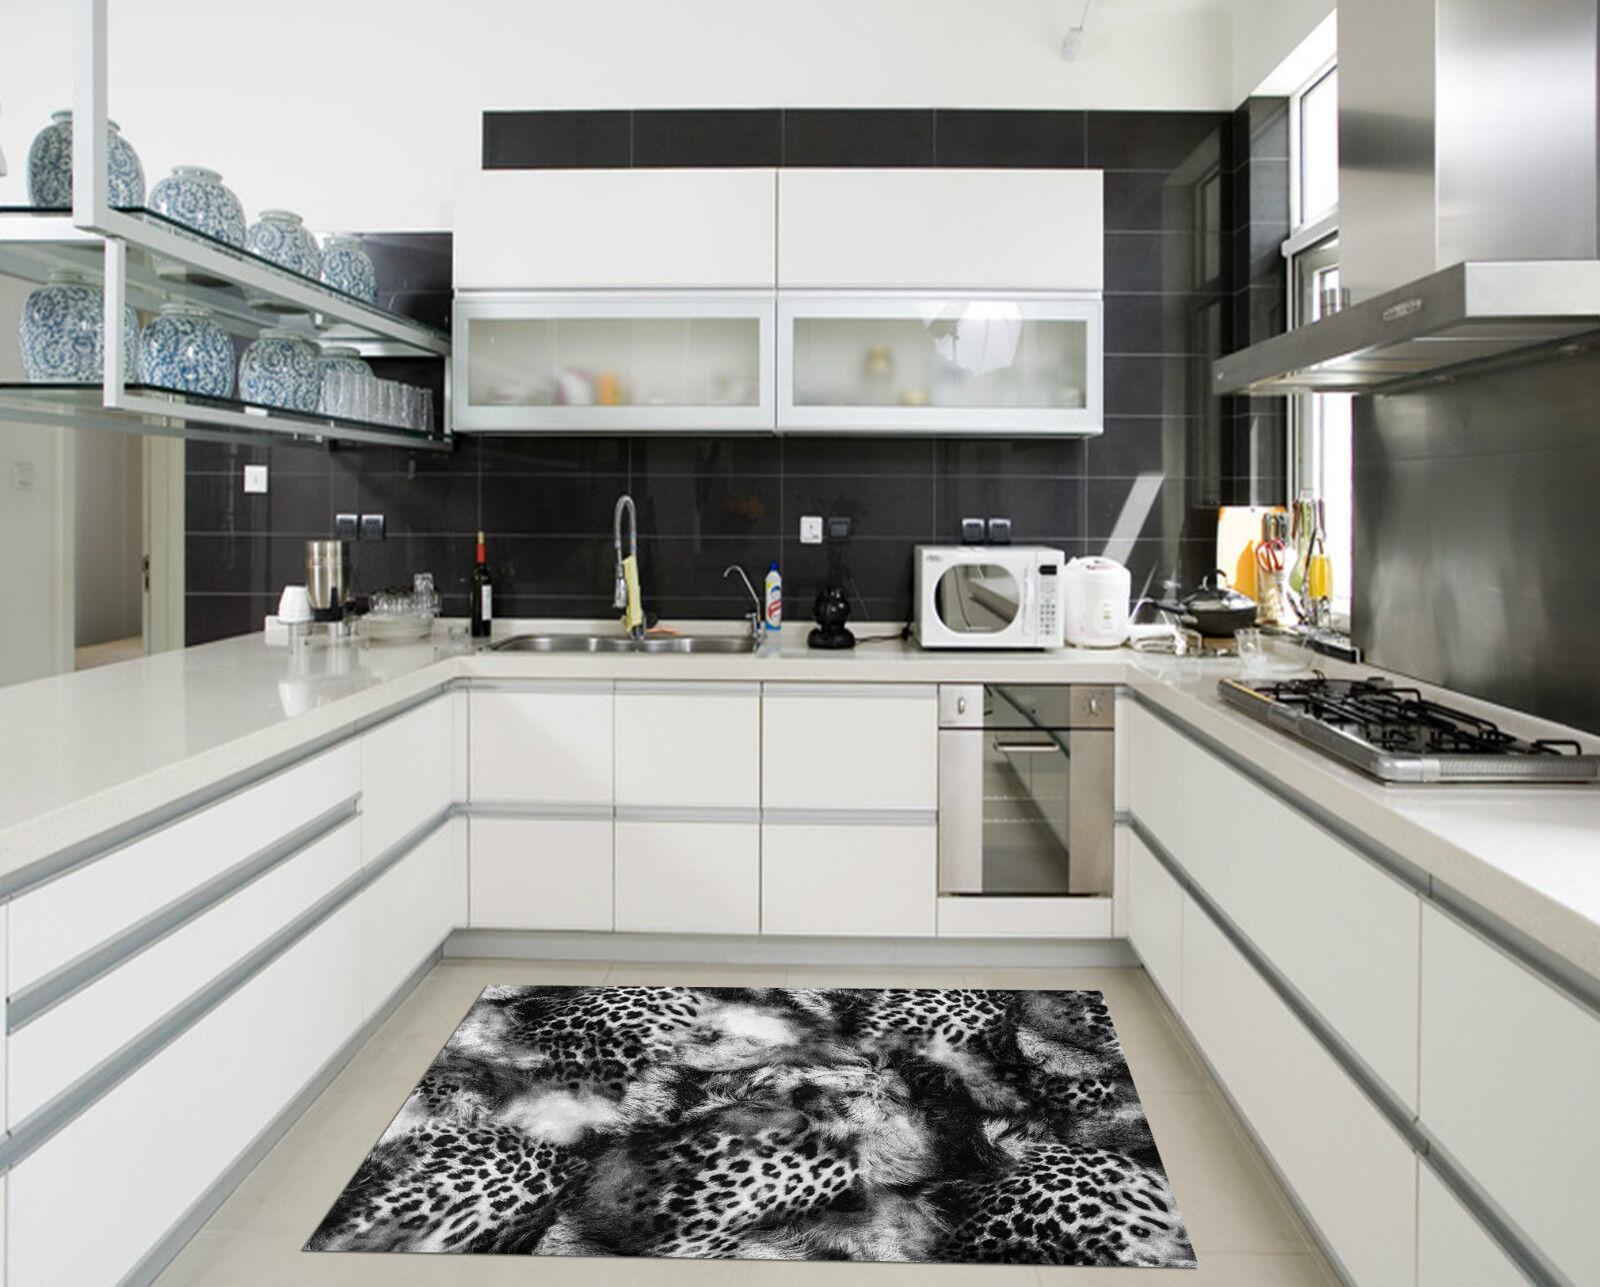 3D Léopard De Prestige 062 Décor Mural Murale De De De Mur De Cuisine AJ WALLPAPER FR | Grandes Variétés  fdf06f